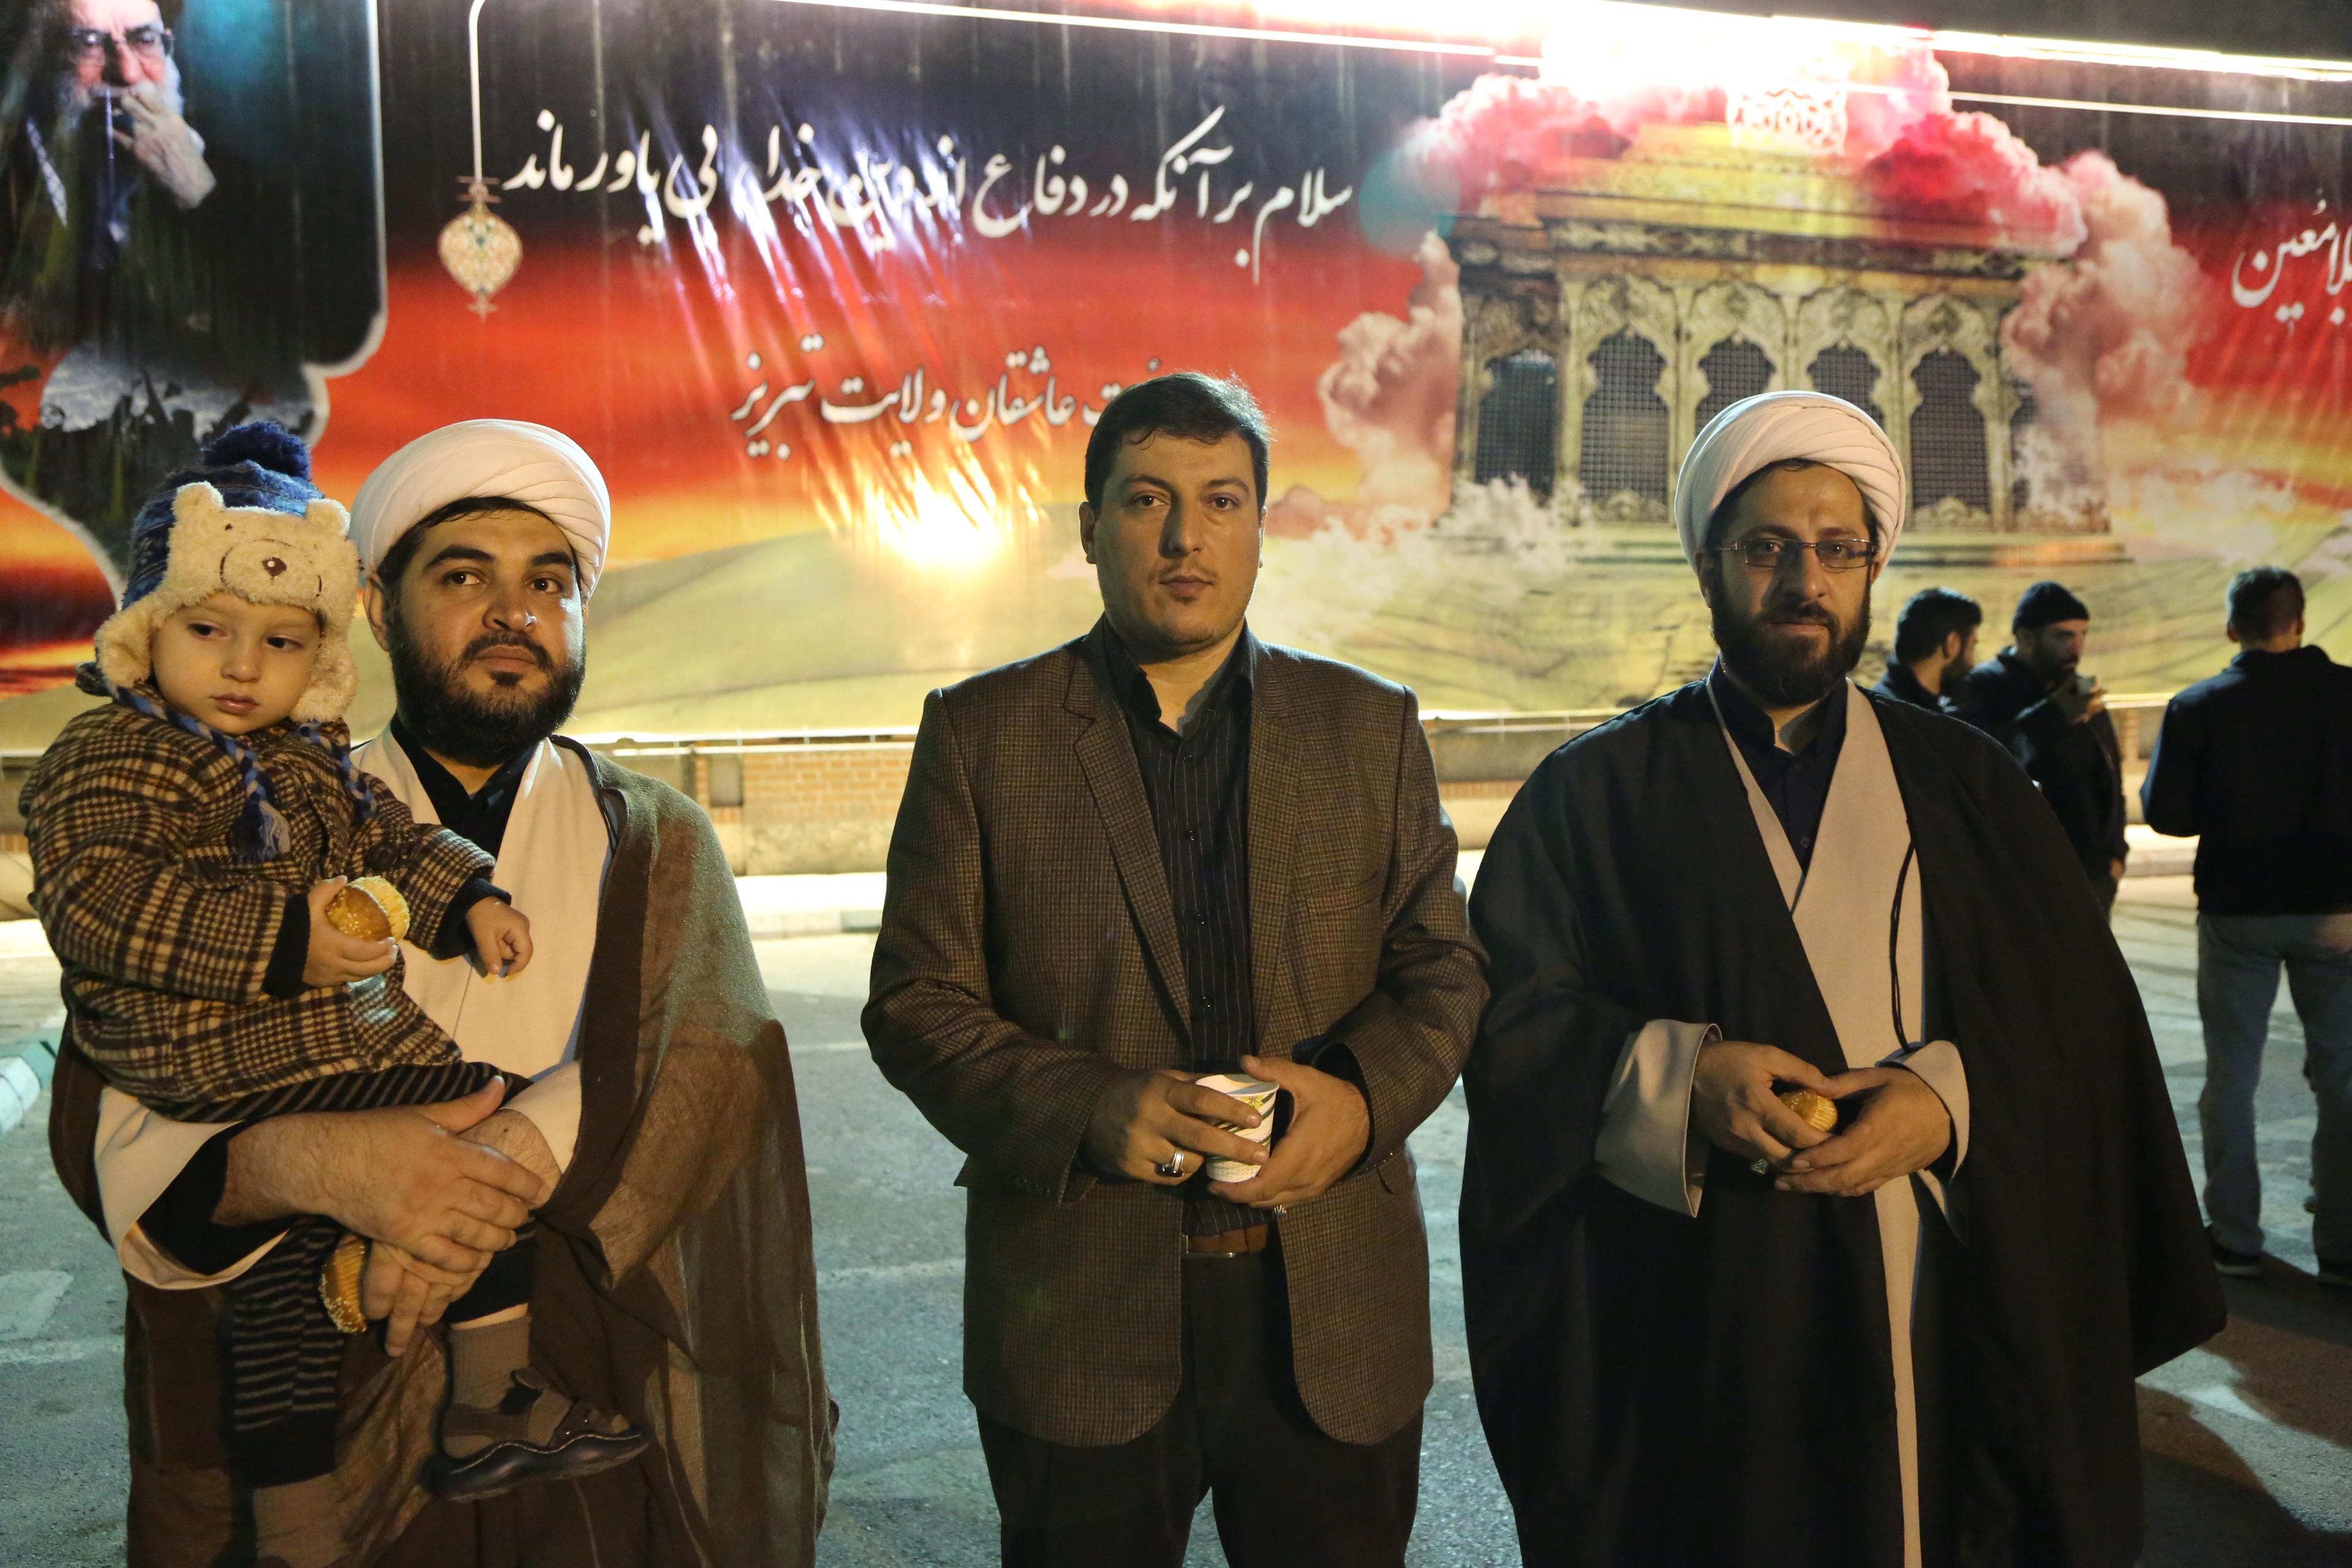 برنامه امشب سینما ناجی تبریز تماشا سوسن تسلیمی به روایت видео смотреть онлайн